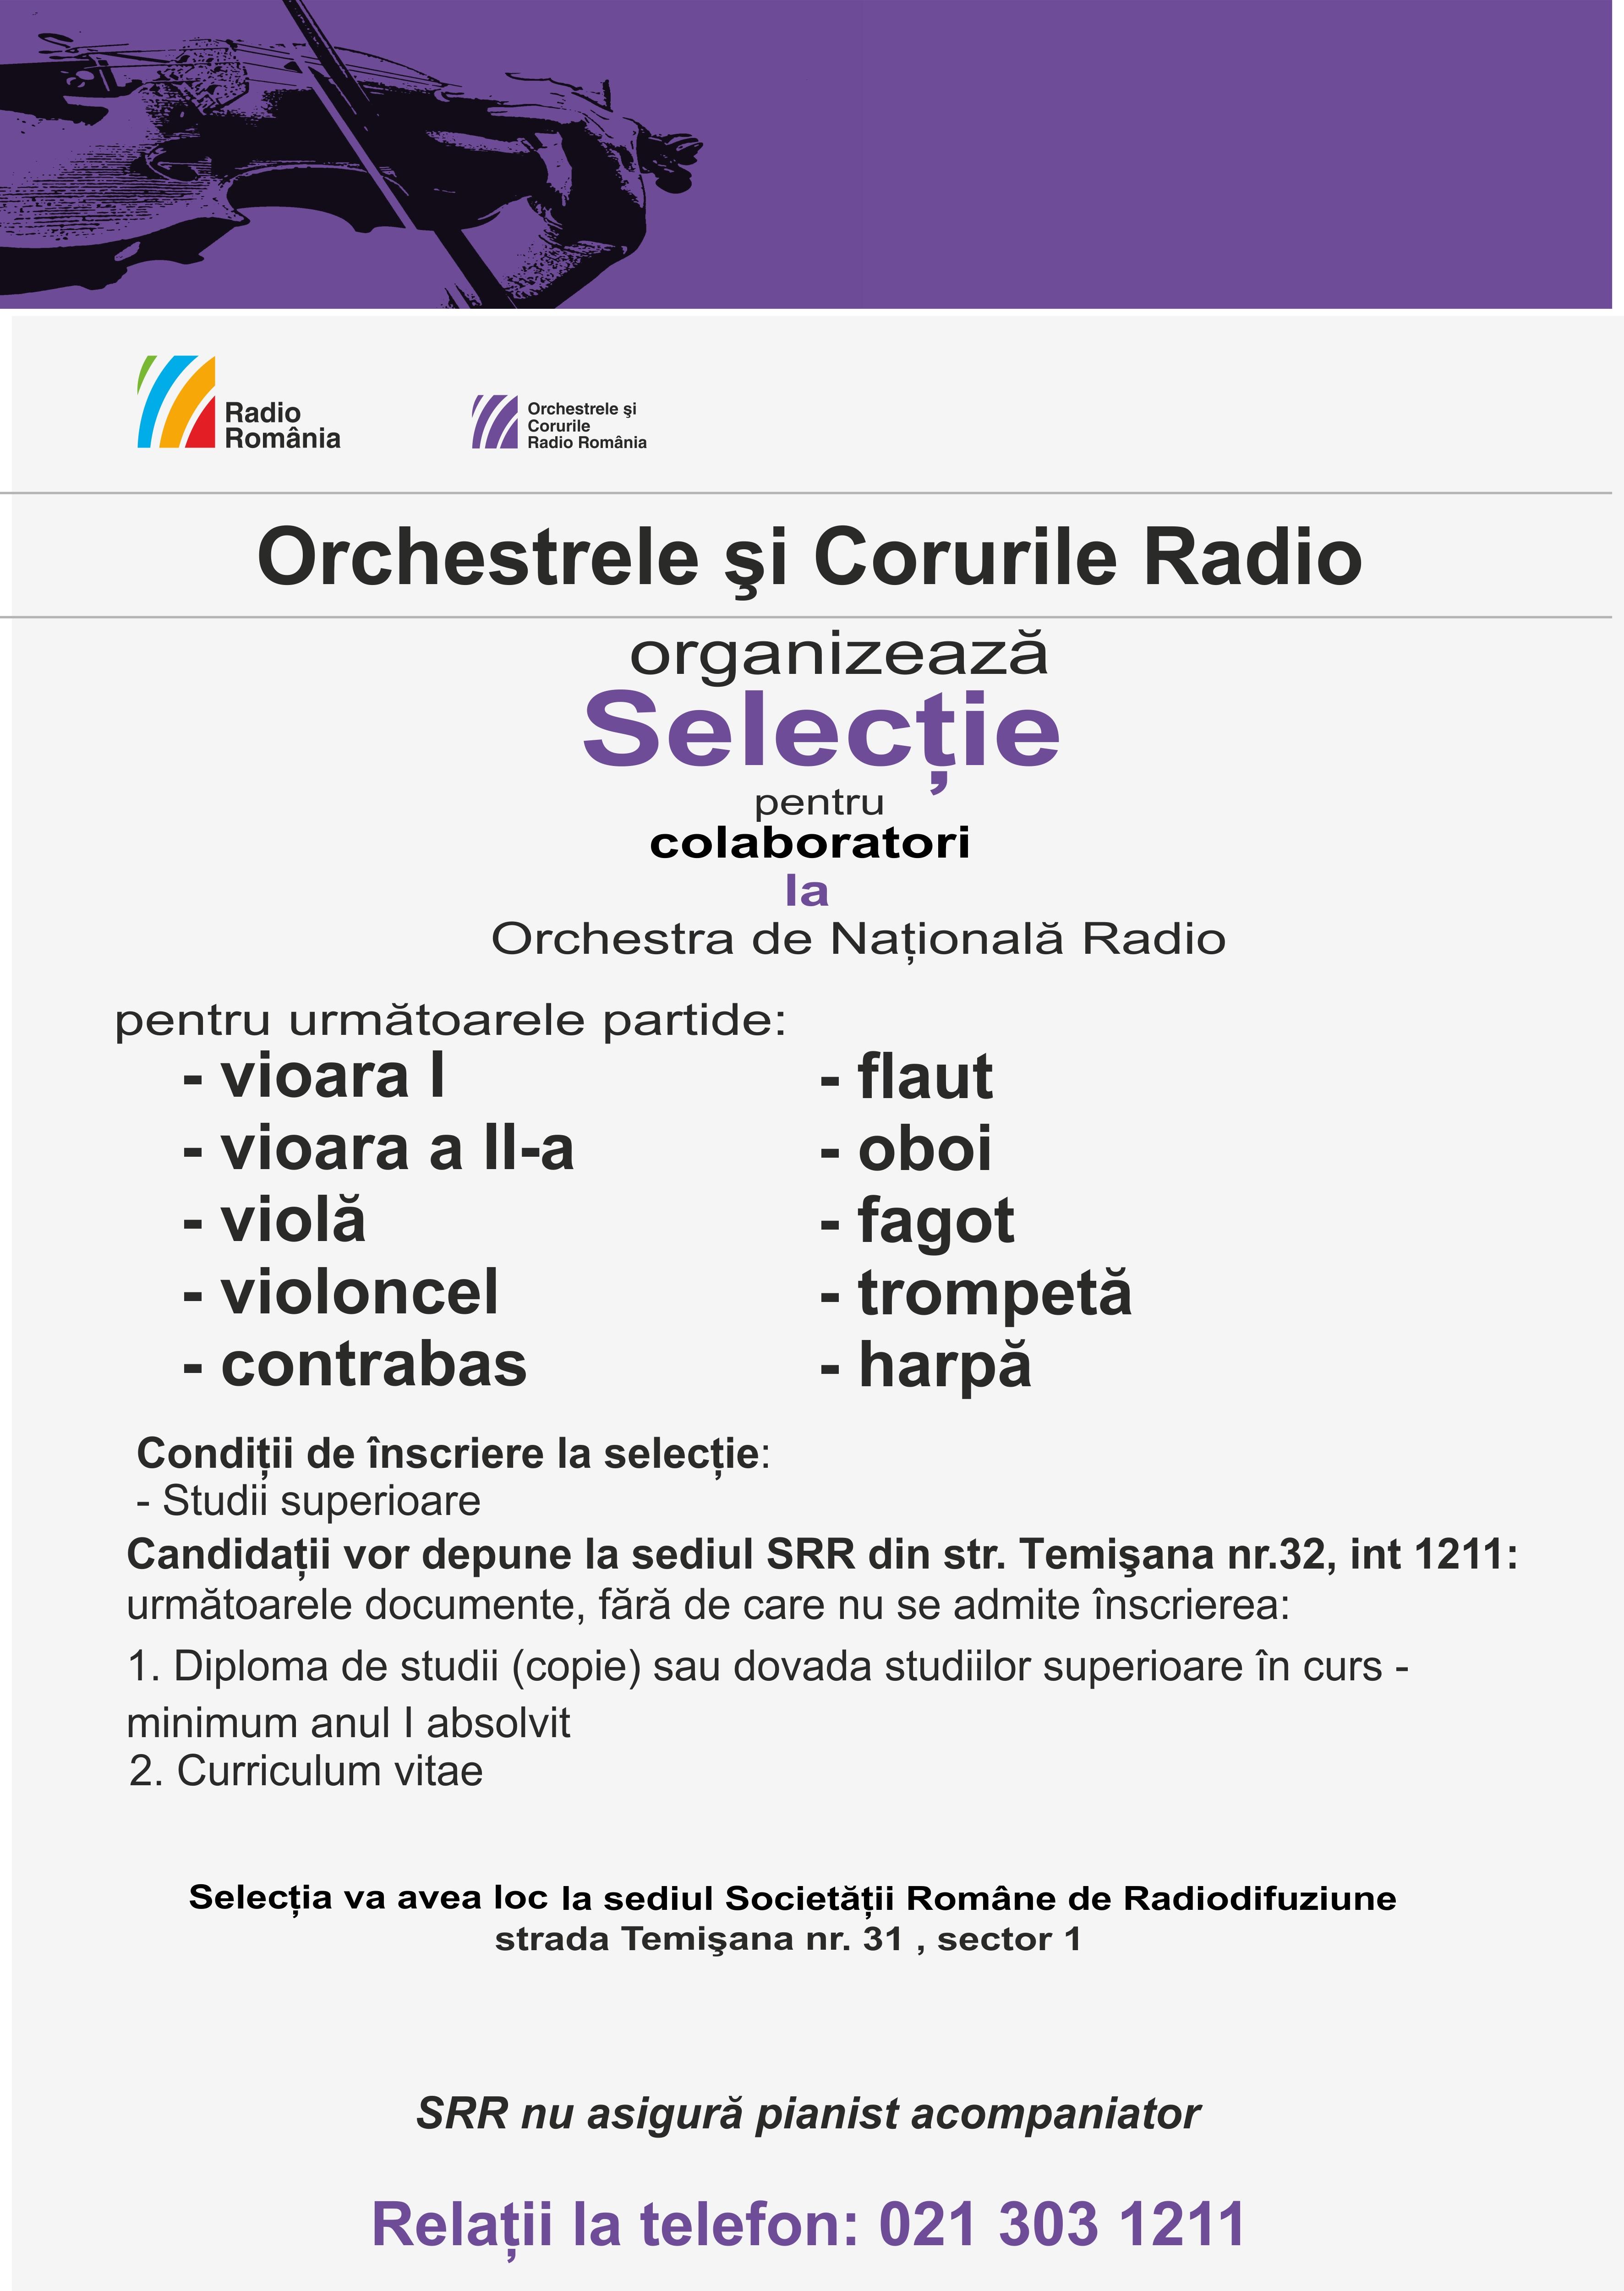 Selecţie colaboratori la Orchestra Naţională Radio